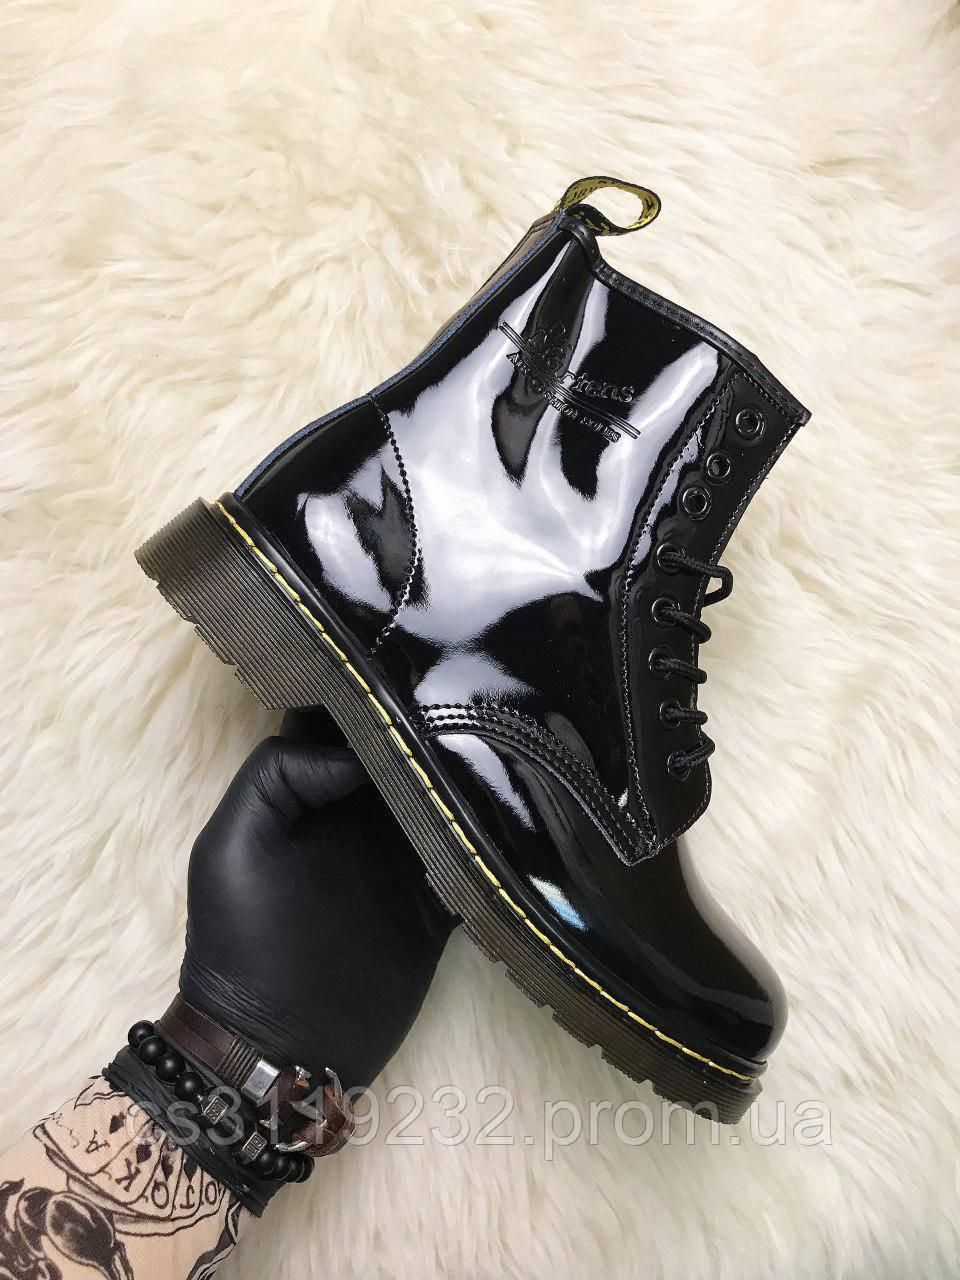 Женские ботинки Dr Martens 1460 демисезонные (черный)